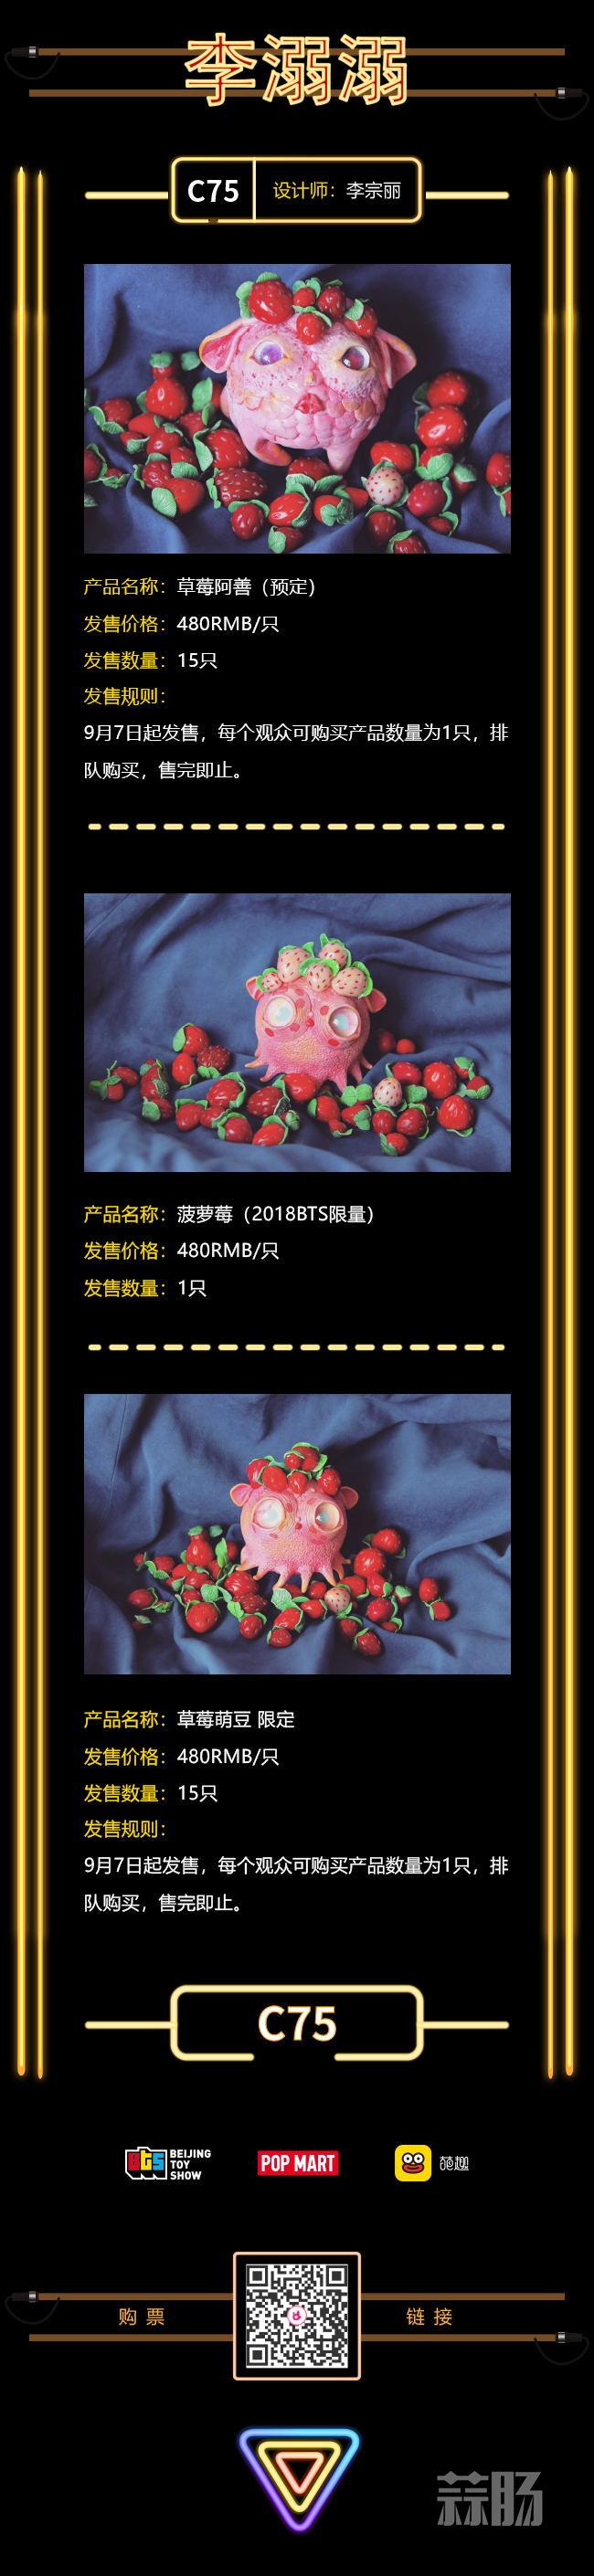 2018北京国际潮流玩具展第一波超人气限定品公开 漫展 第17张